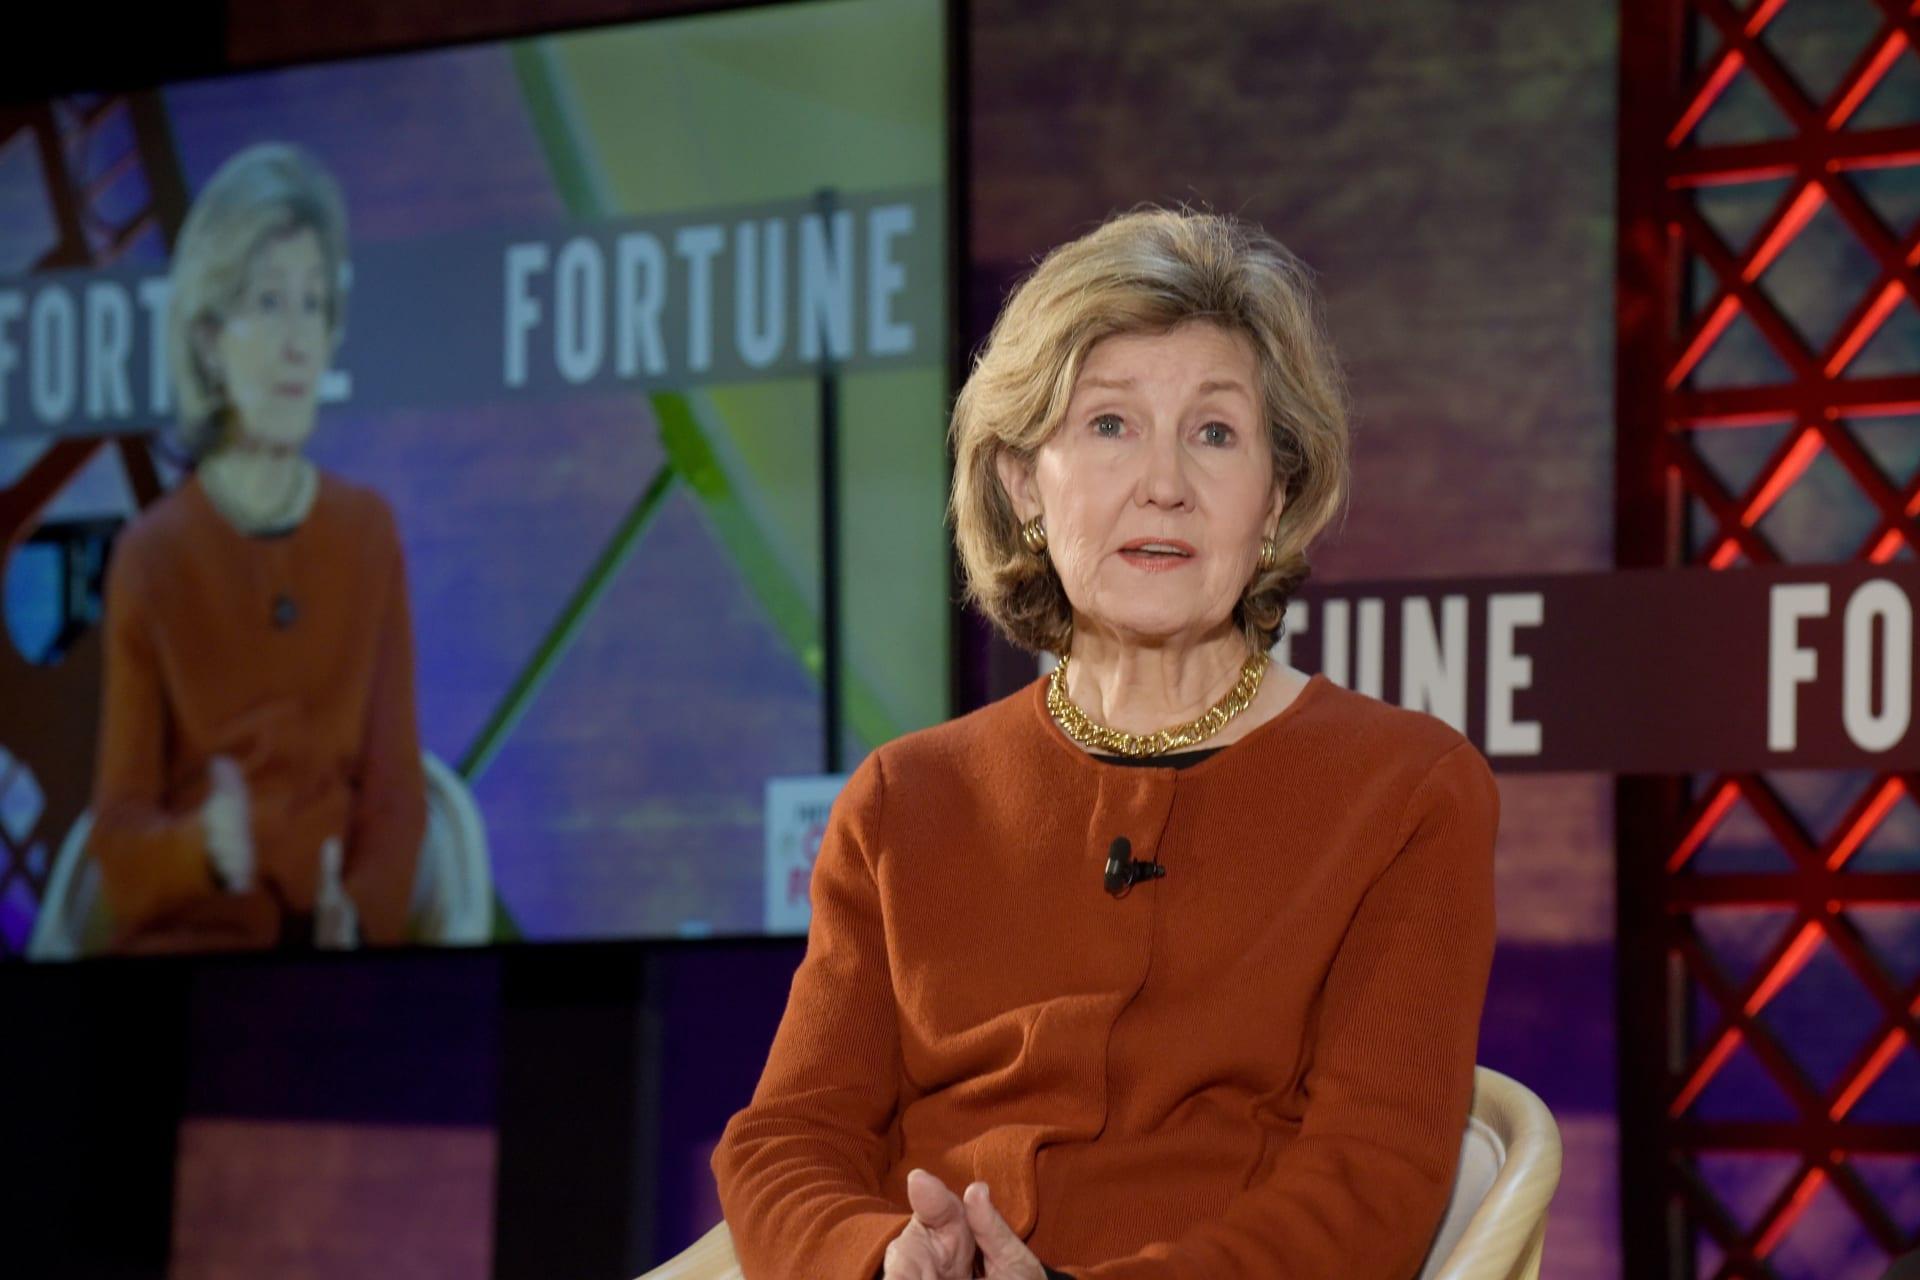 كاي بيلي هاتشيسون سفيرة الولايات المتحدة في حلف شمال الأطلسي ناتو